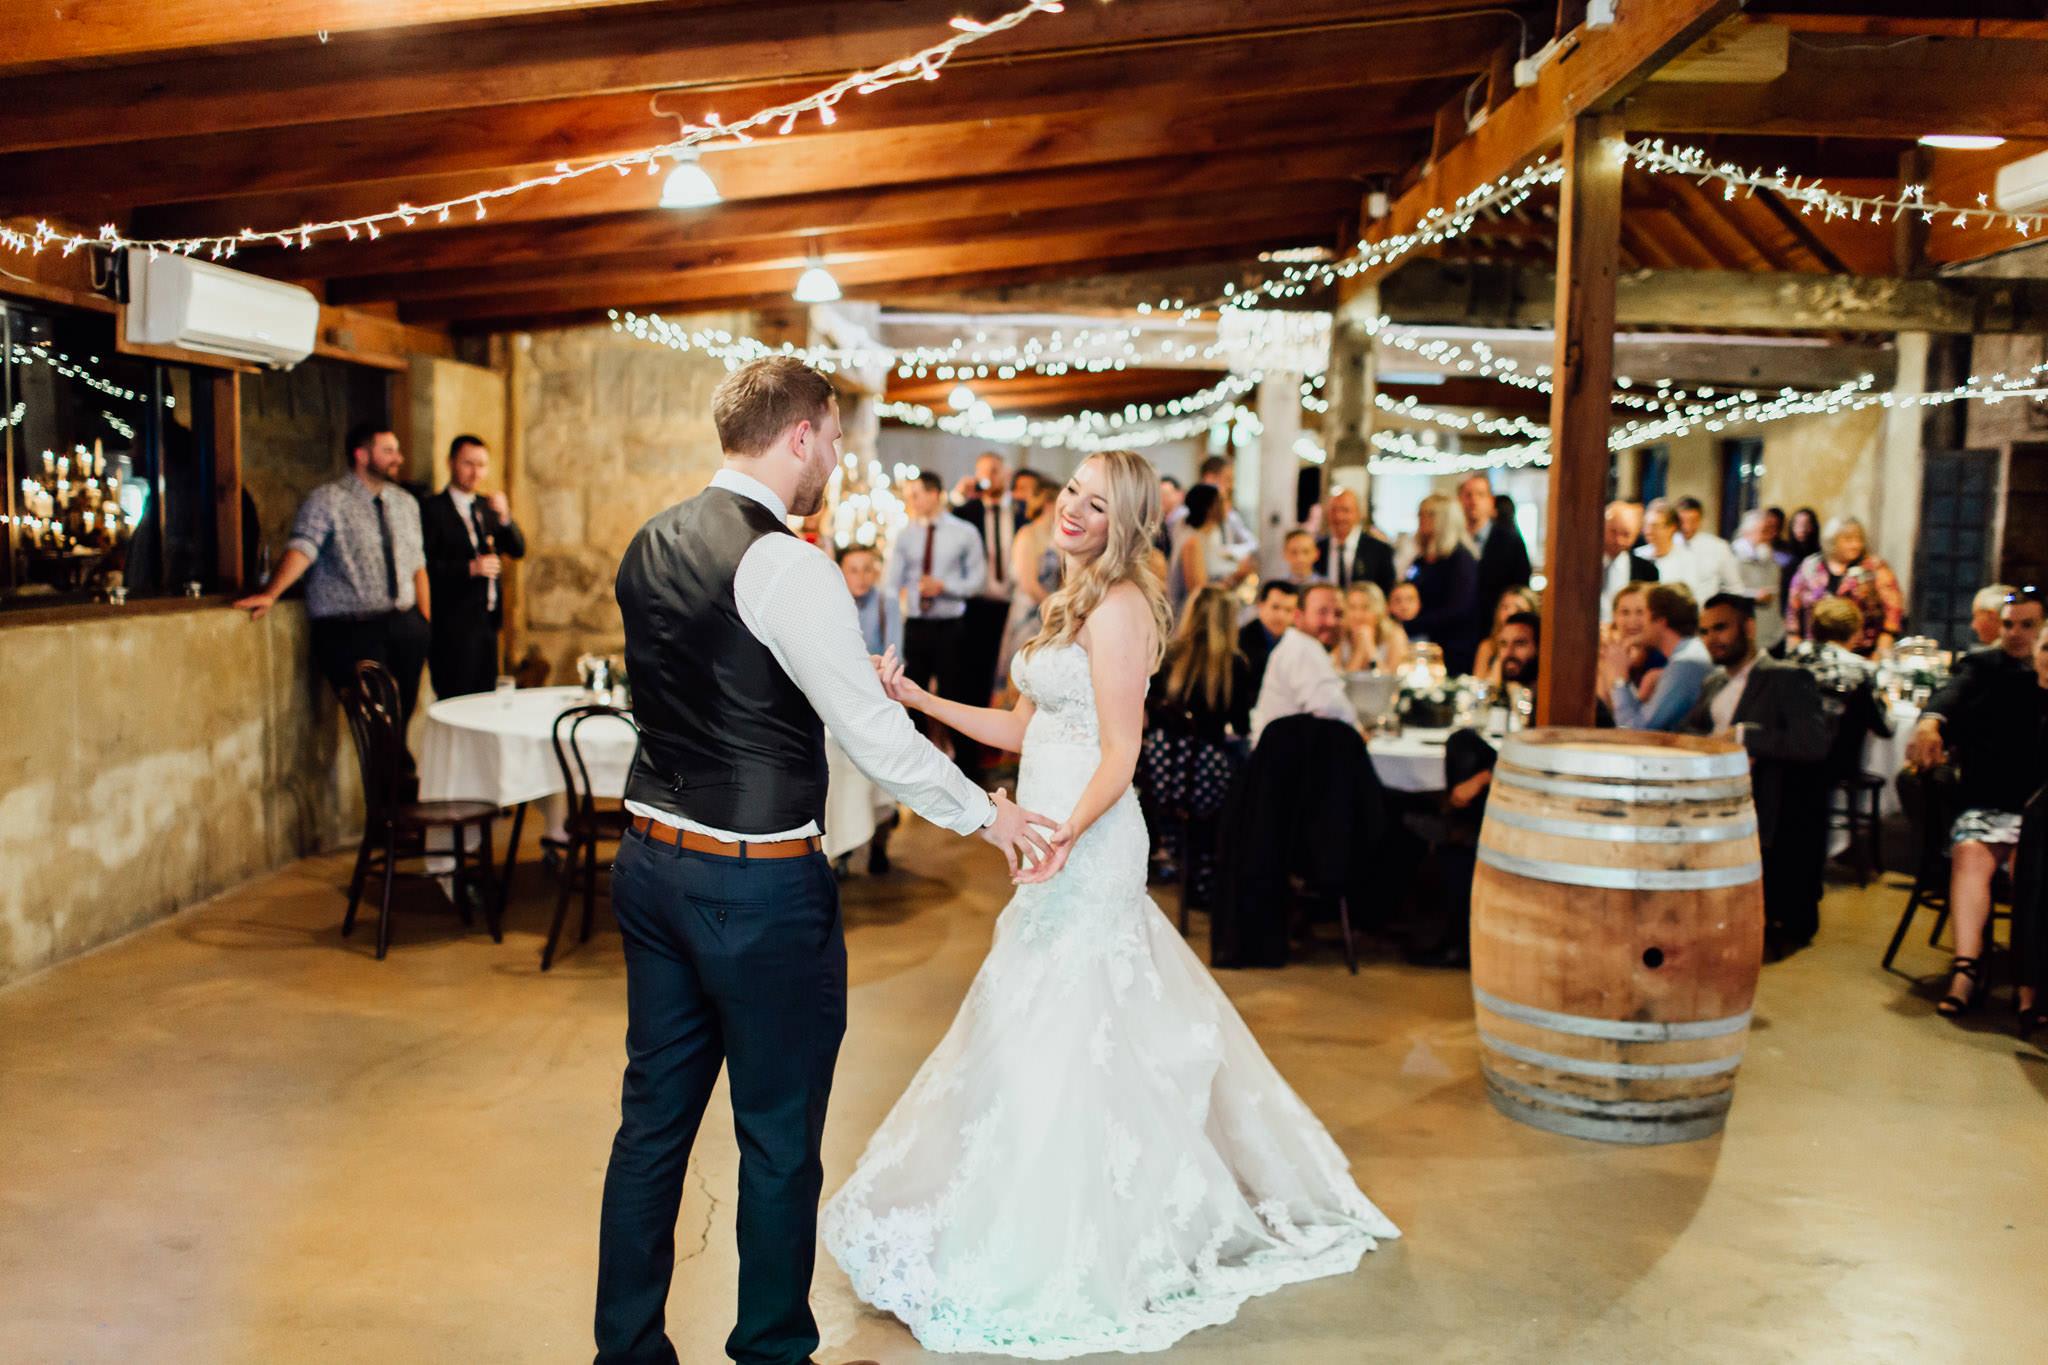 WeddingPhotos_Facebook_2048pixels-1148.jpg